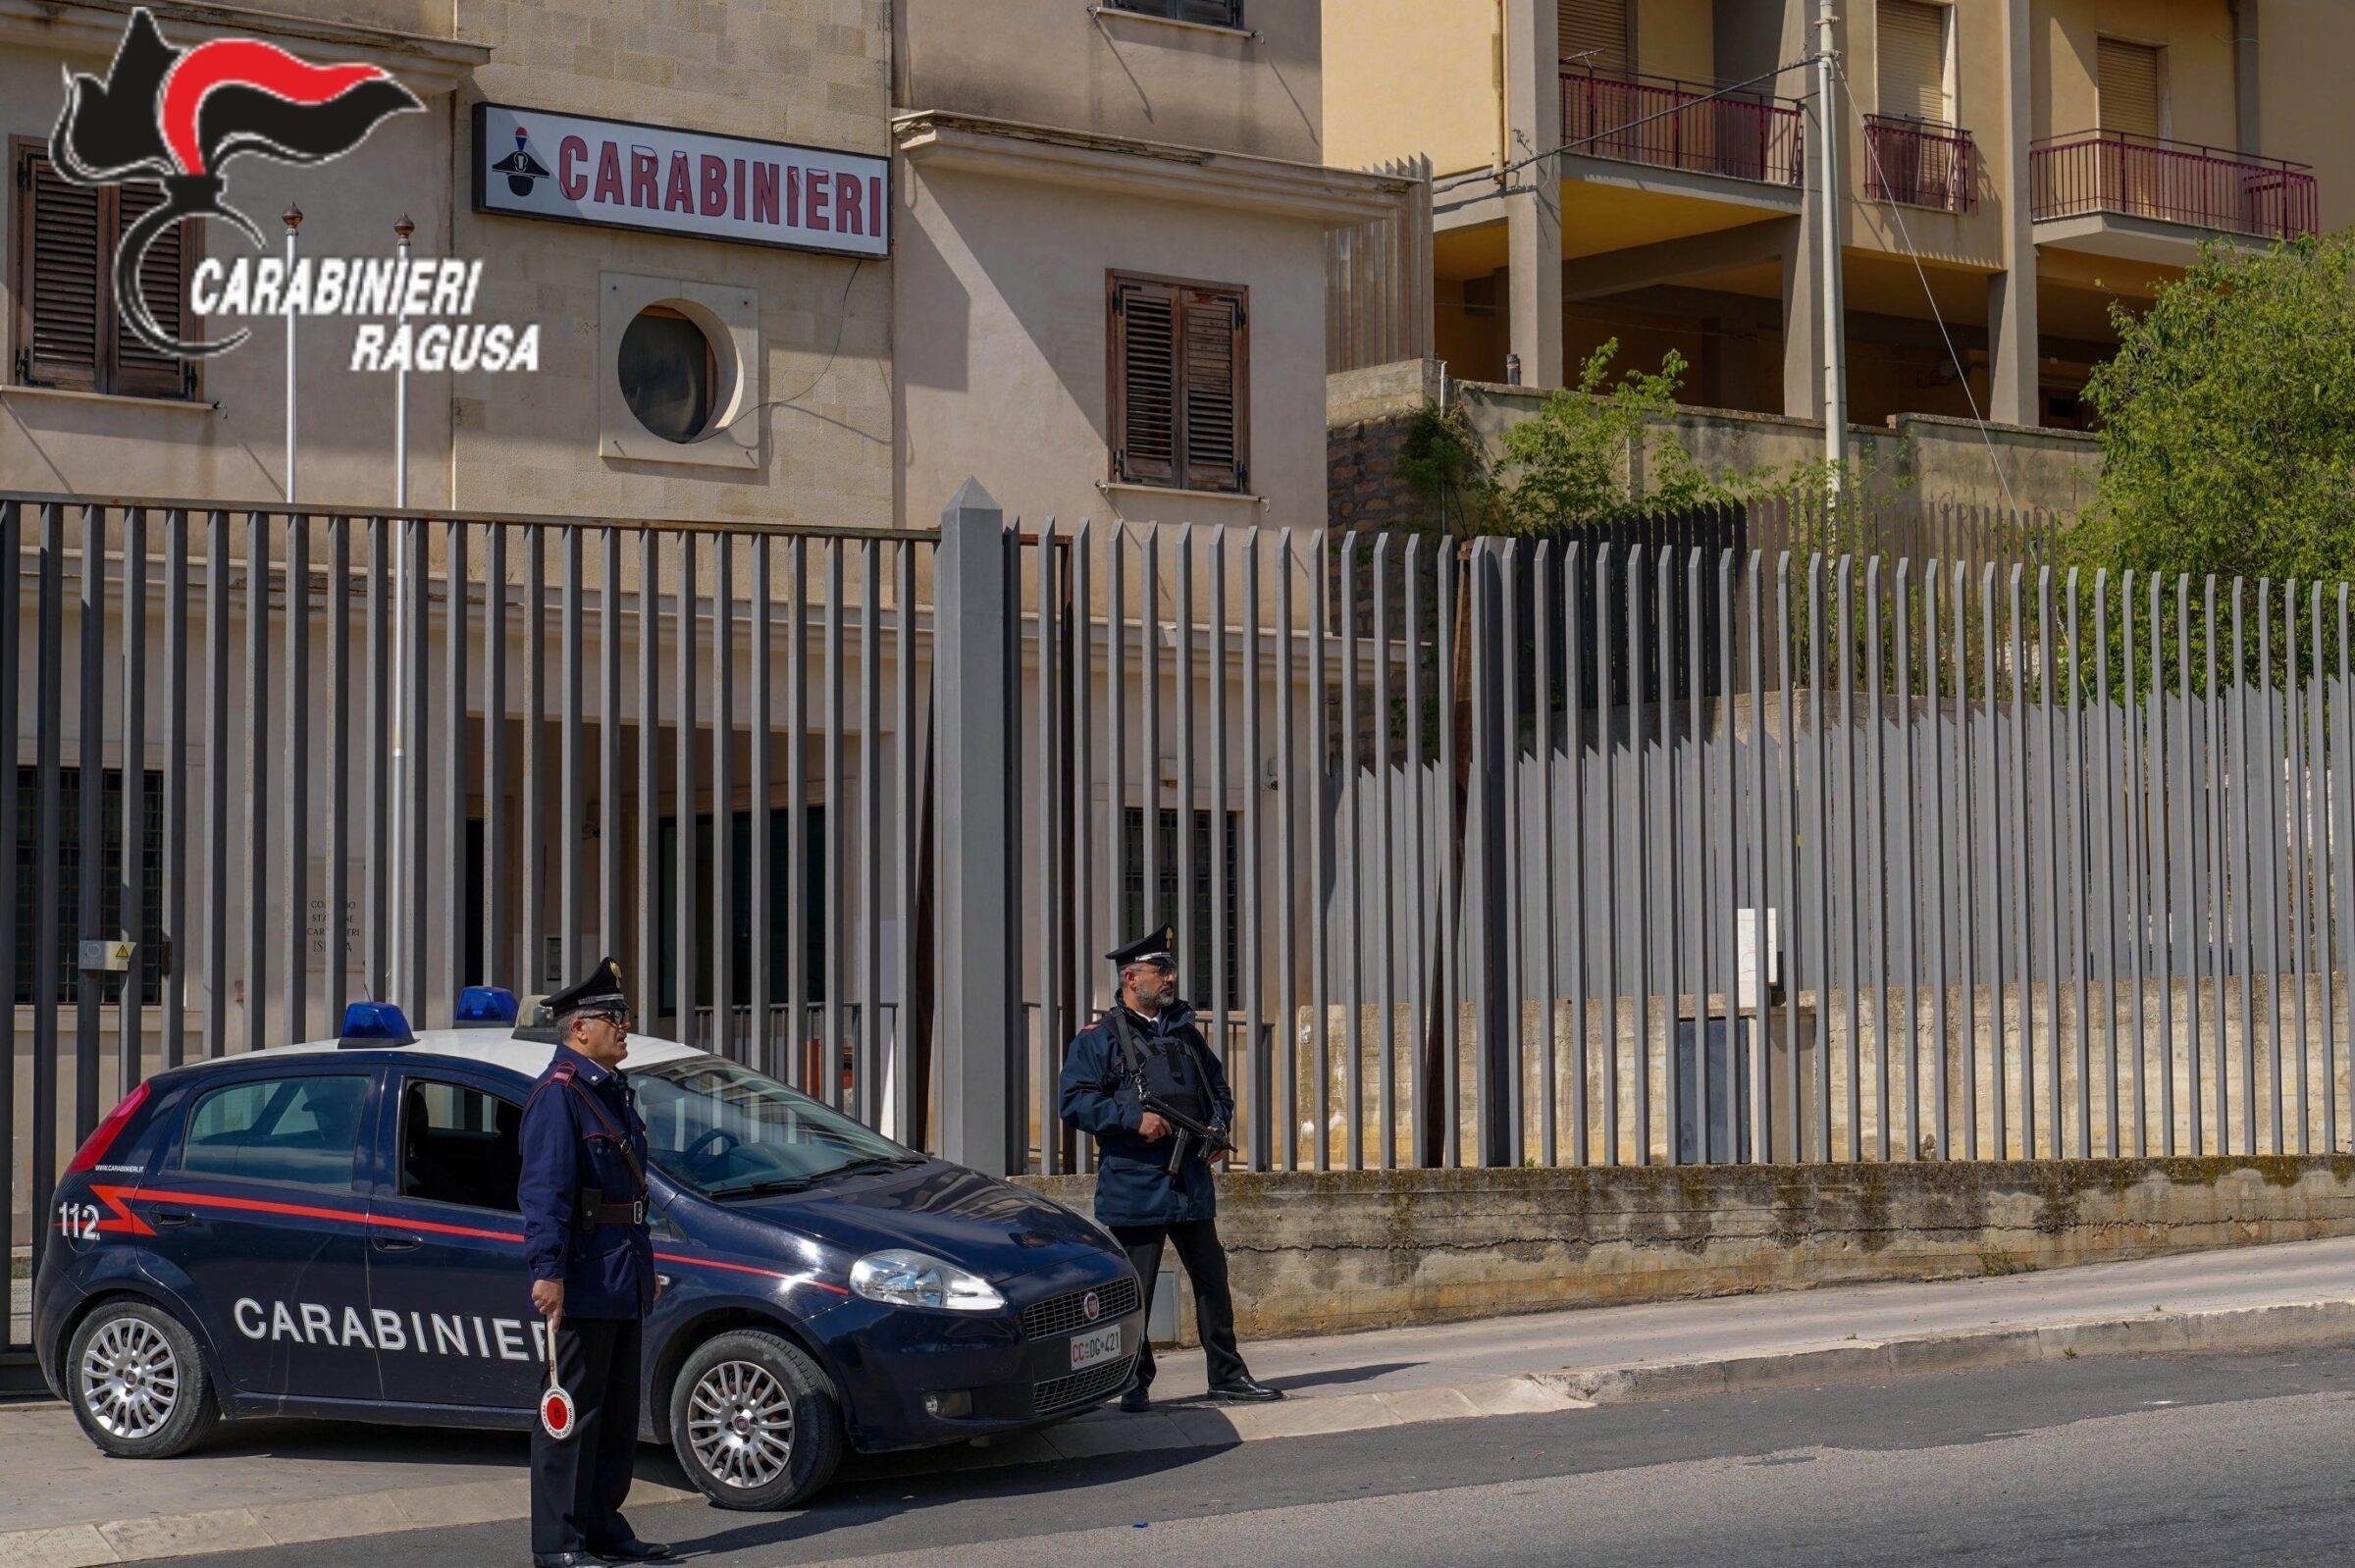 Ispica, dallo spaccio di droga sino ai reati contro la persone: arrestato 44enne